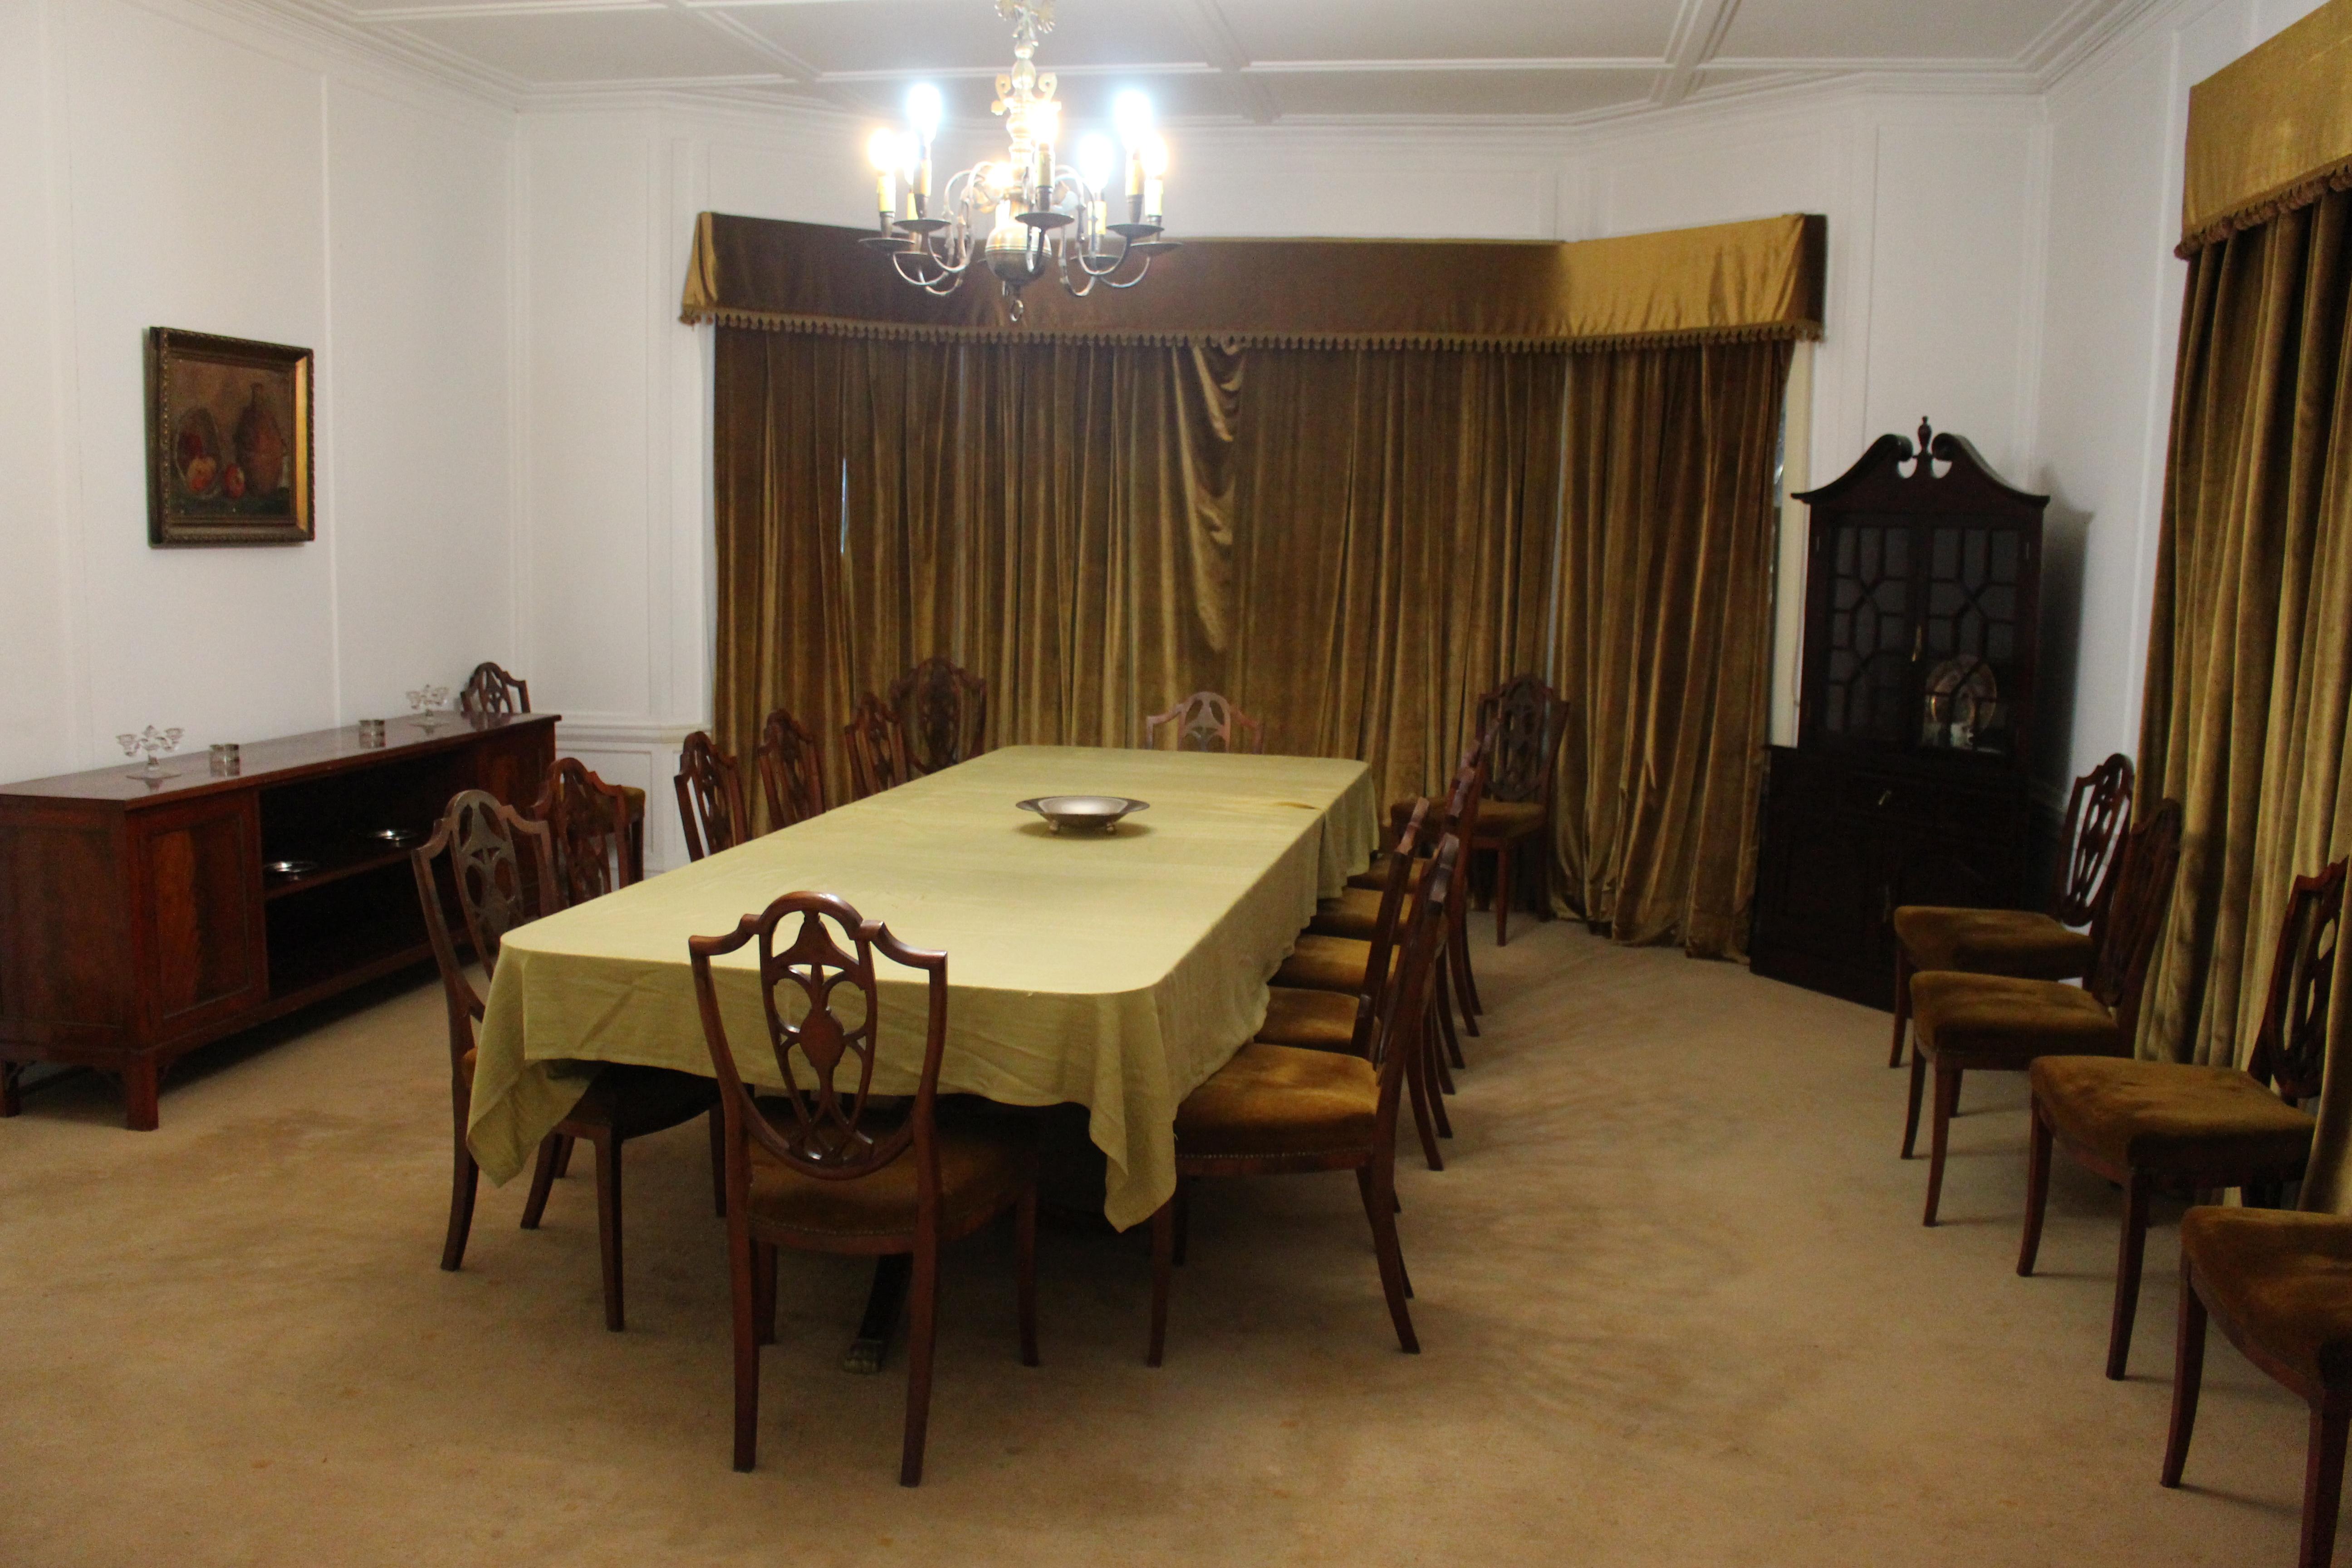 Archivo:Comedor Casa 100 en Coya comuna Machalí Chile.jpg ...